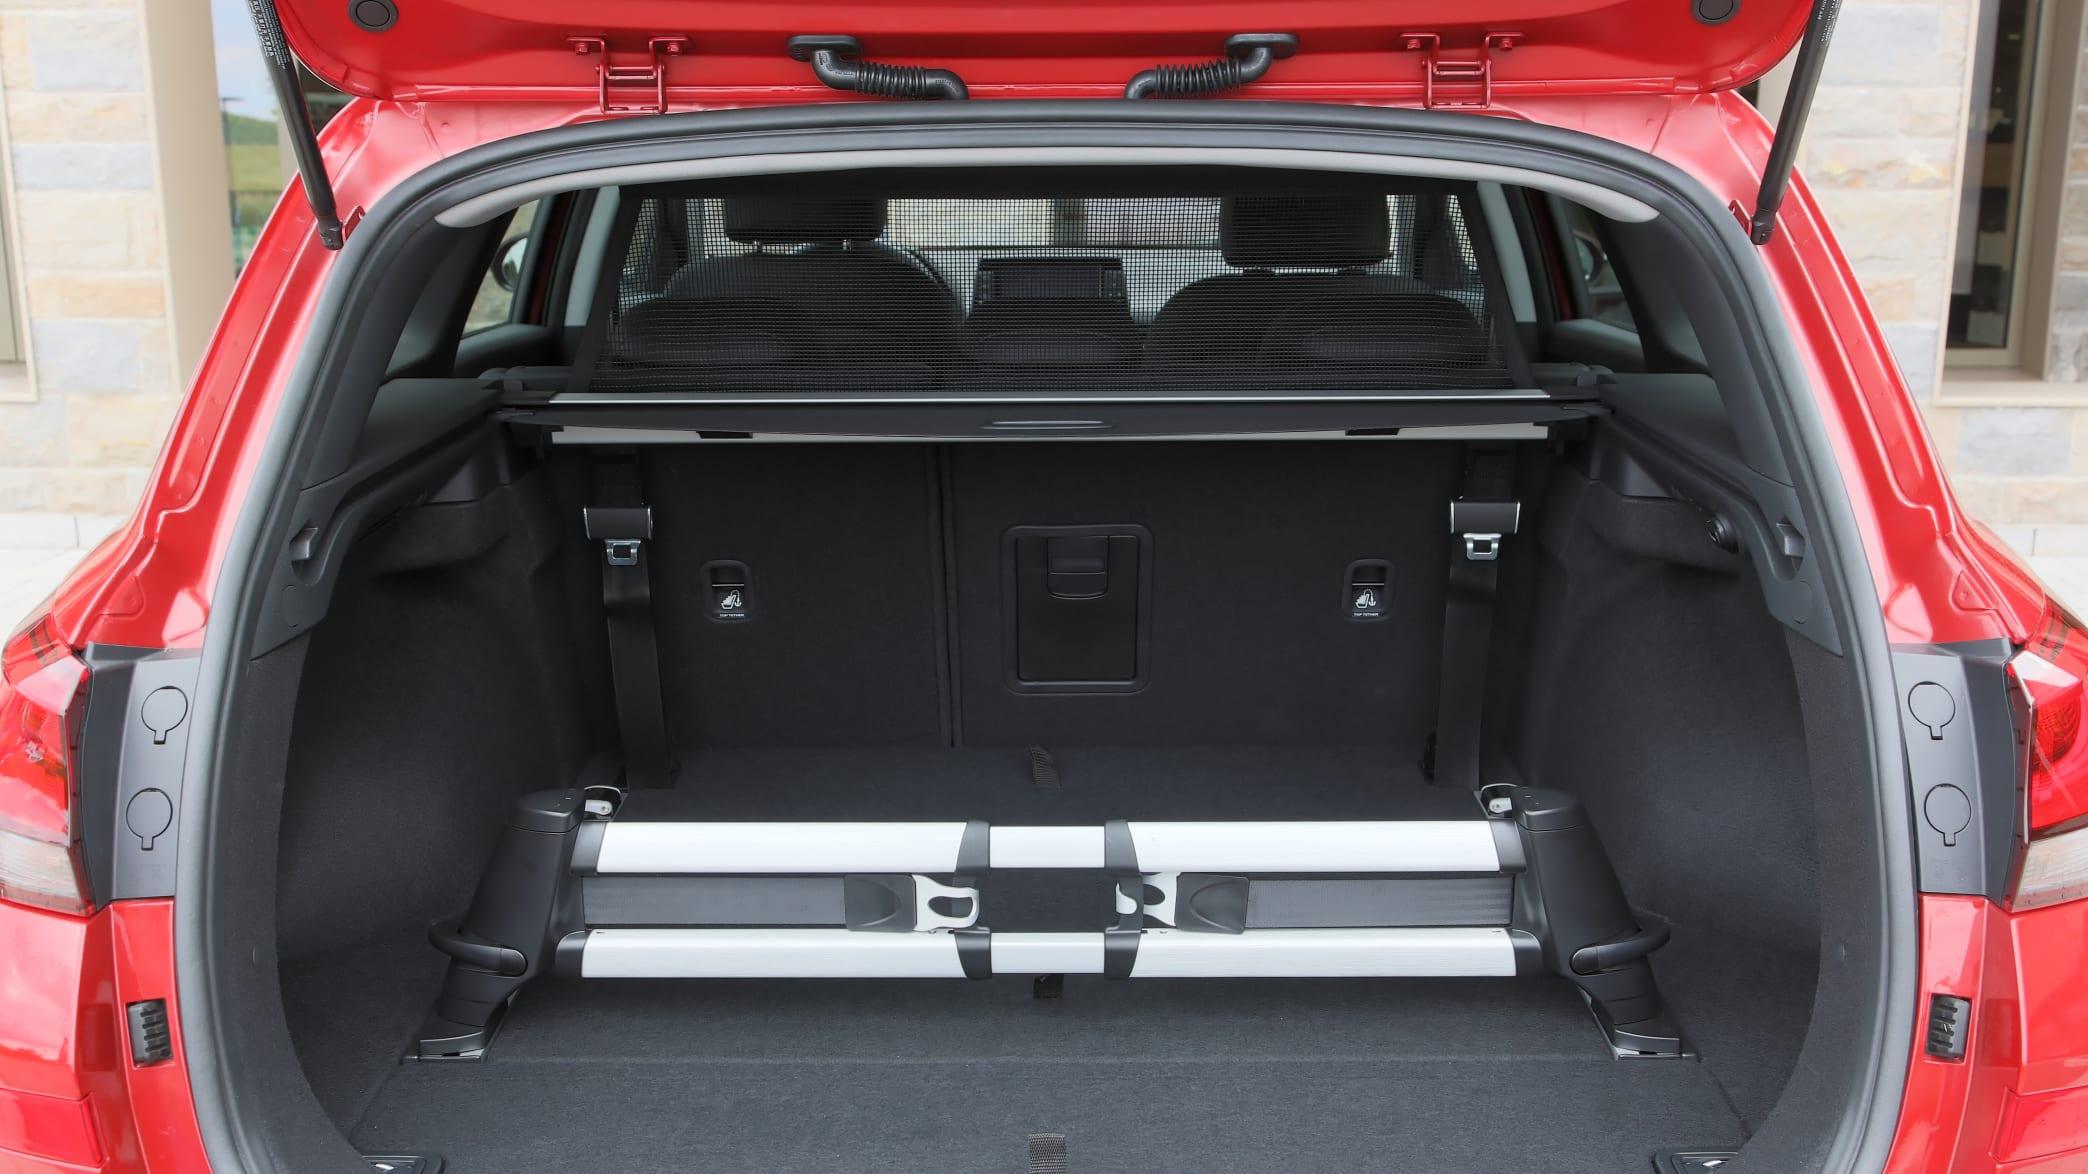 Blick in den geöffneten Kofferraum des Hyundai i30 Kombis